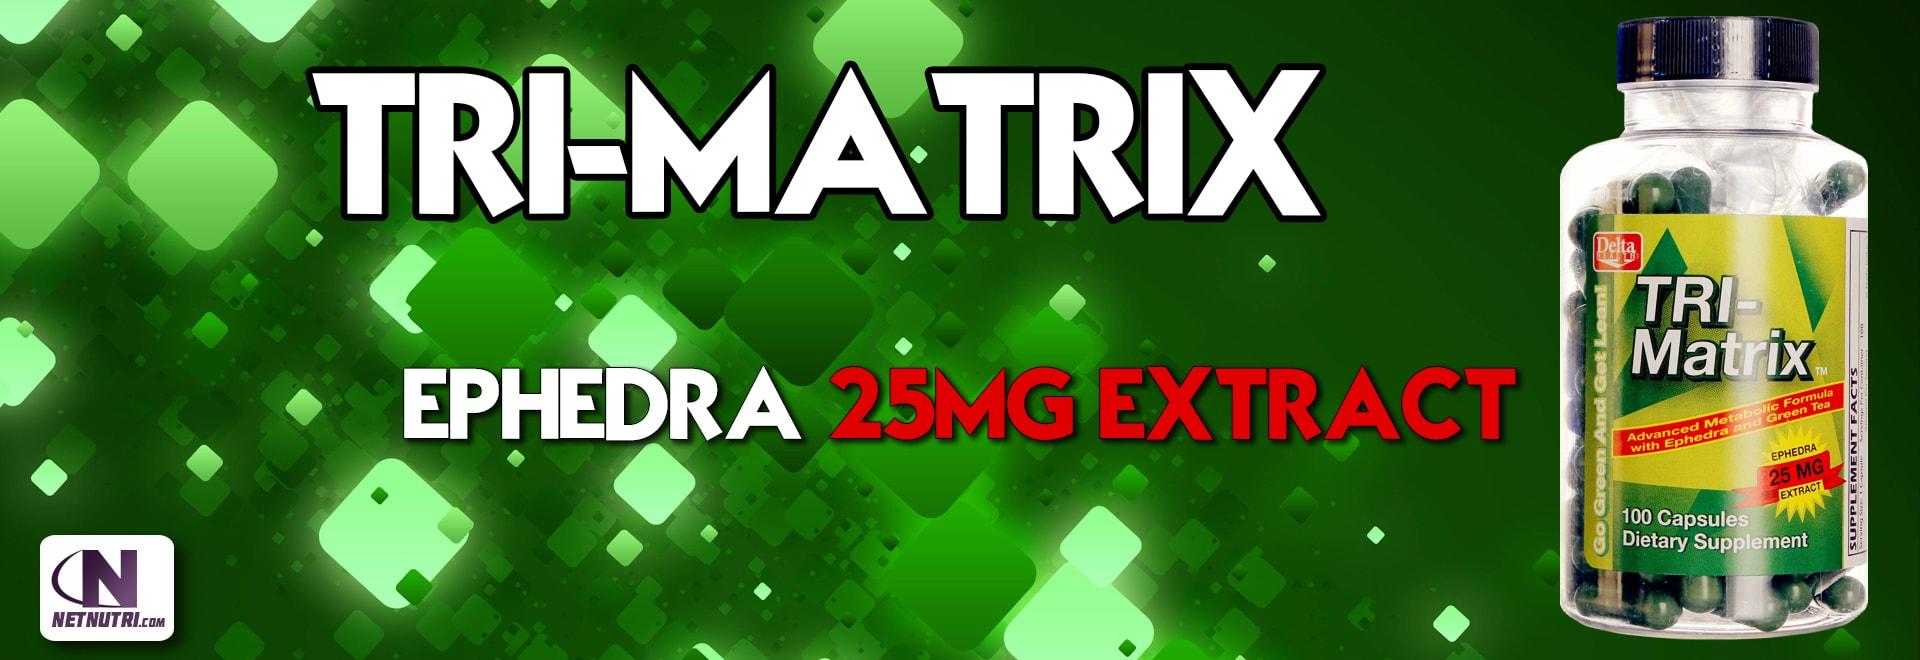 trimatrix ephedra